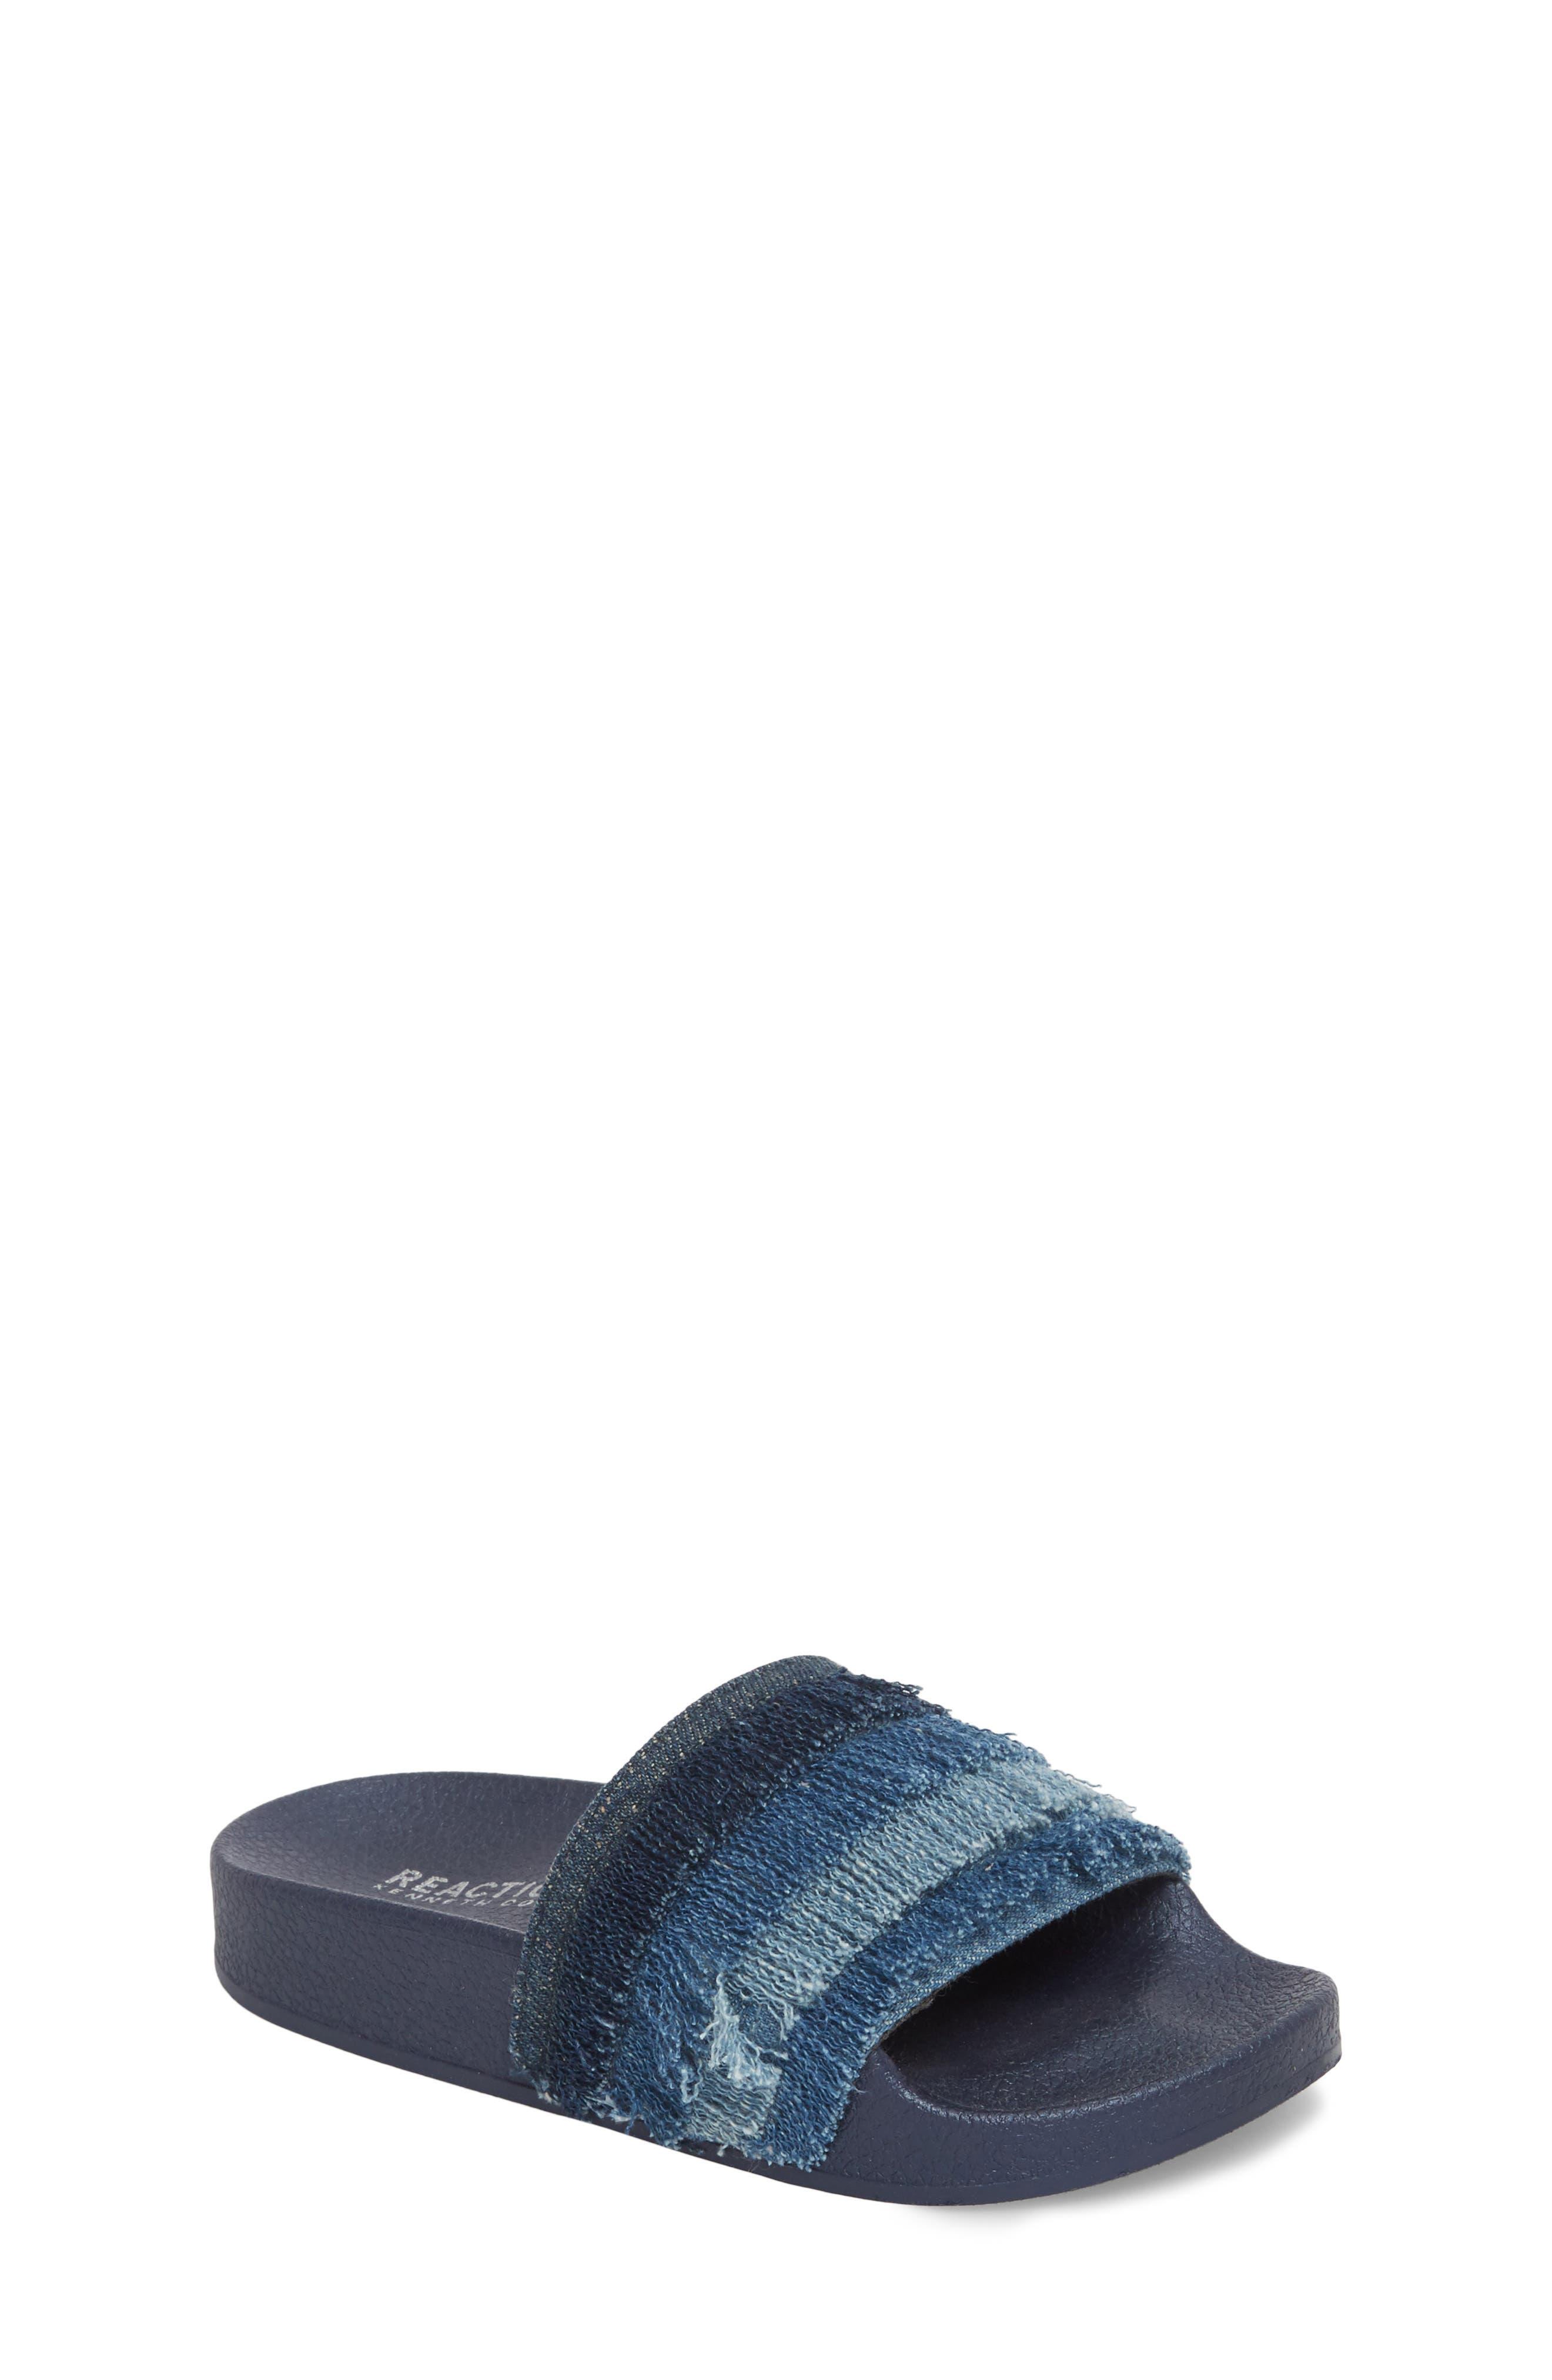 Reaction Kenneth Cole Shower Fray Slide Sandal,                         Main,                         color, Denim